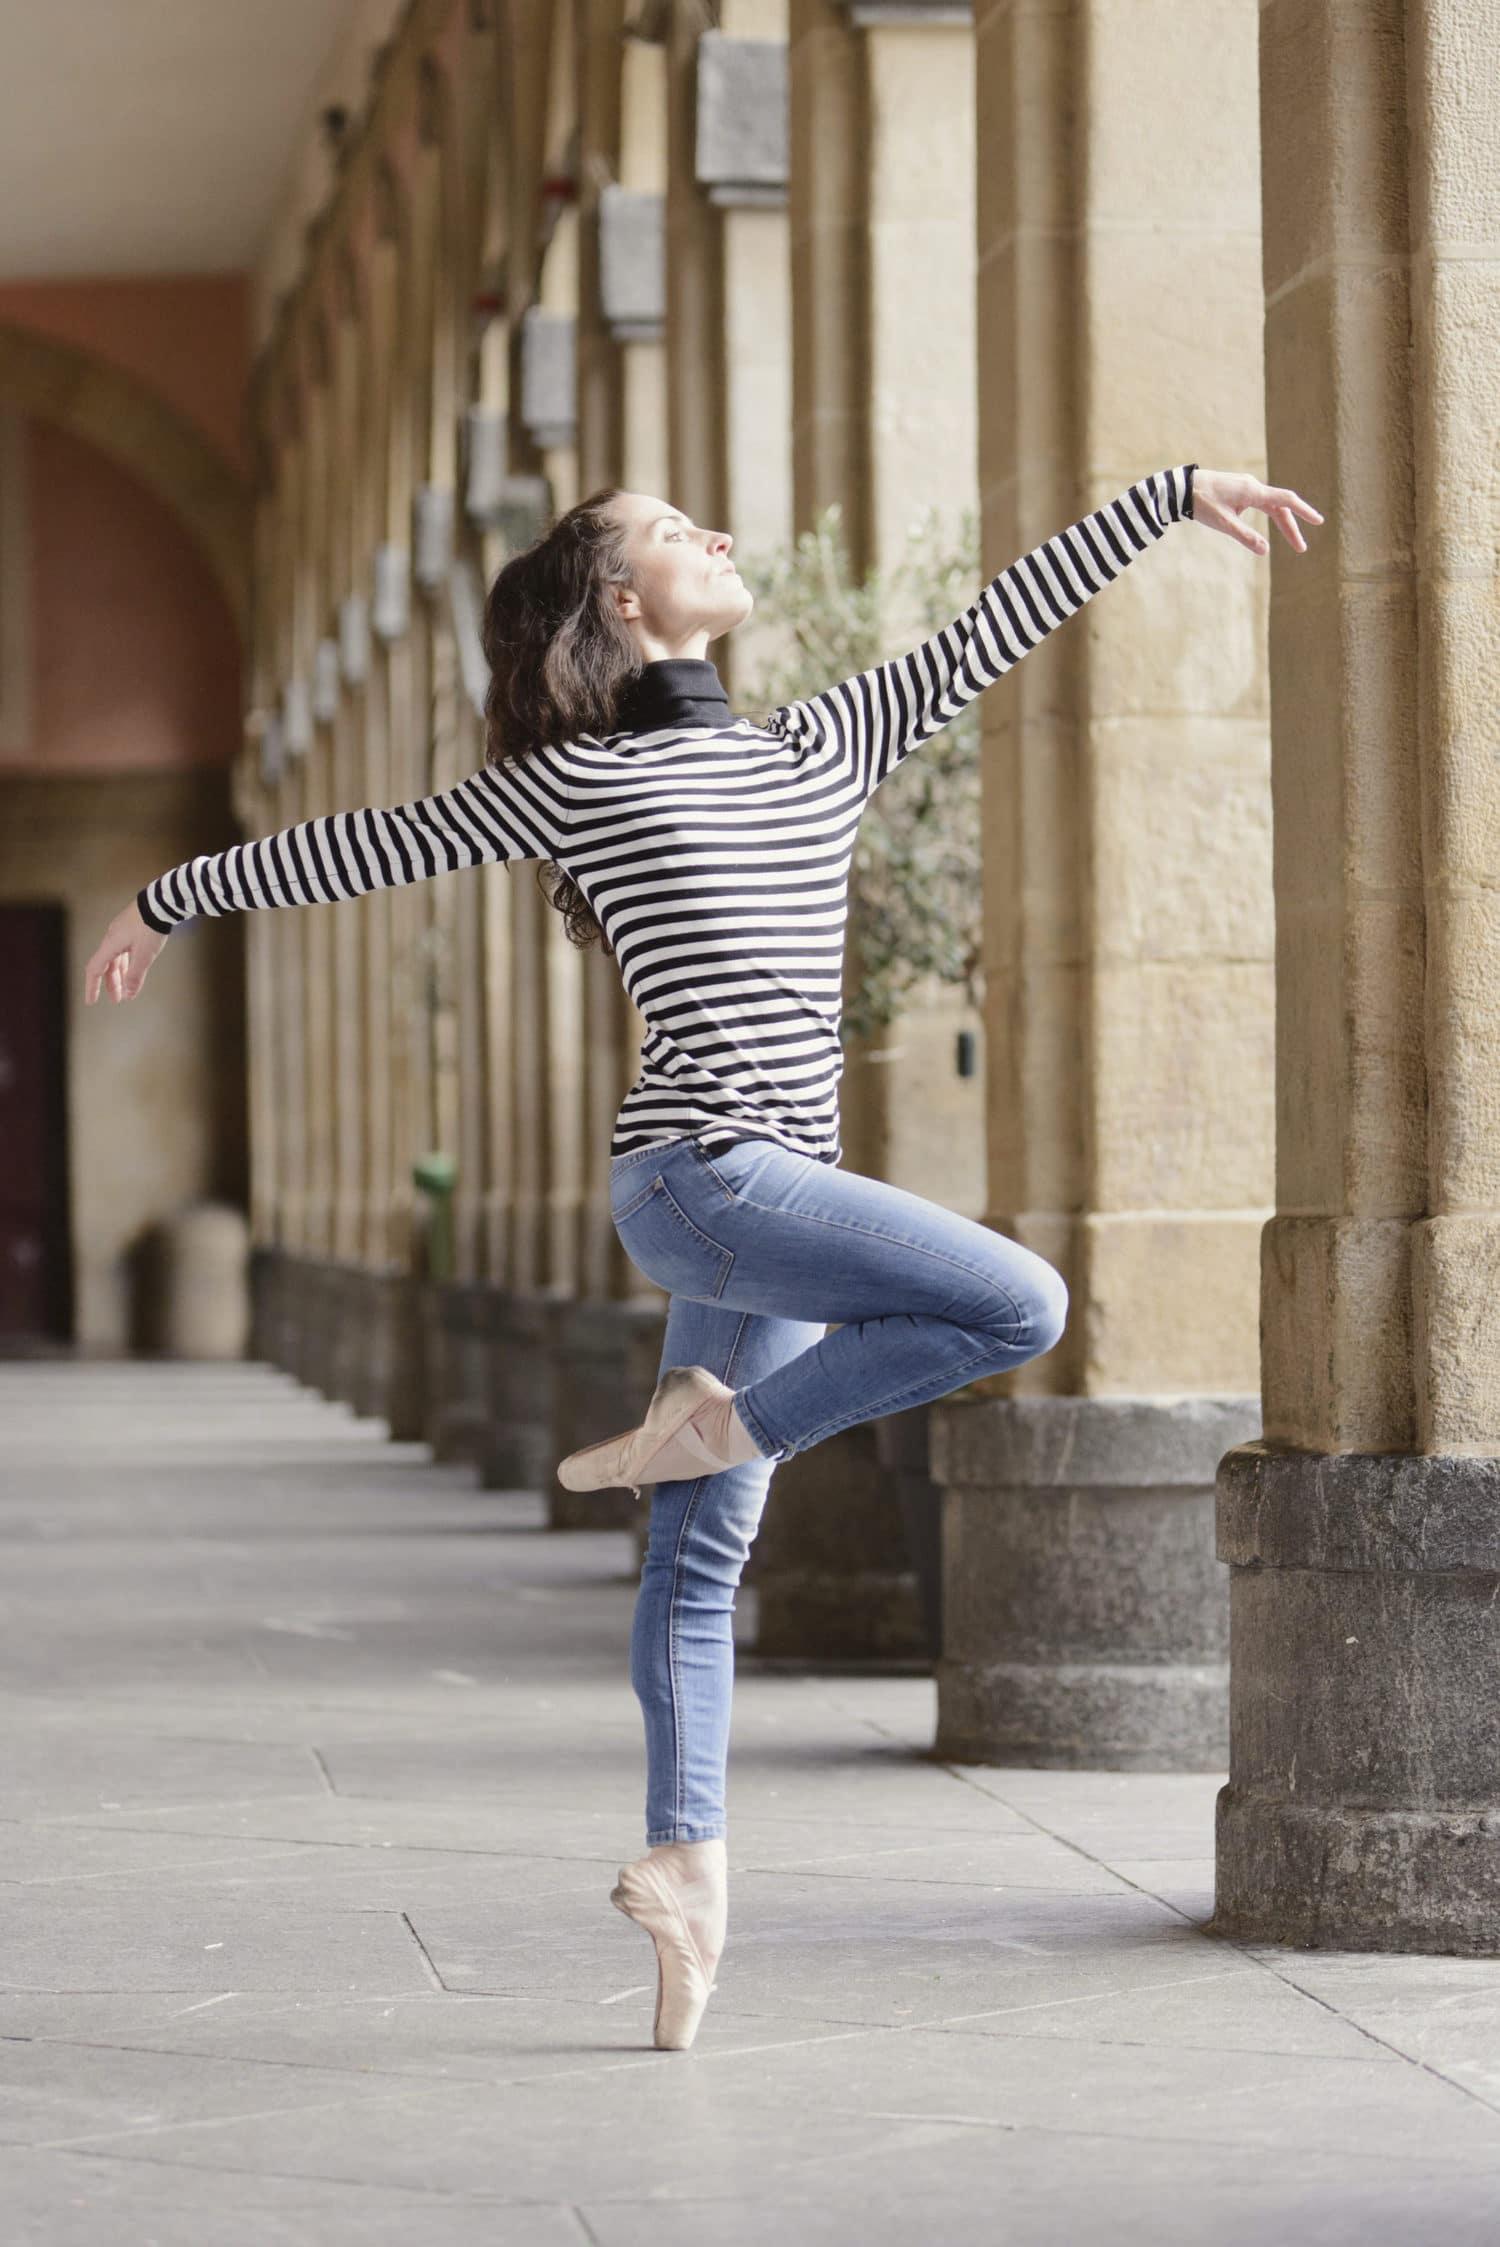 fotografía de una bailarina